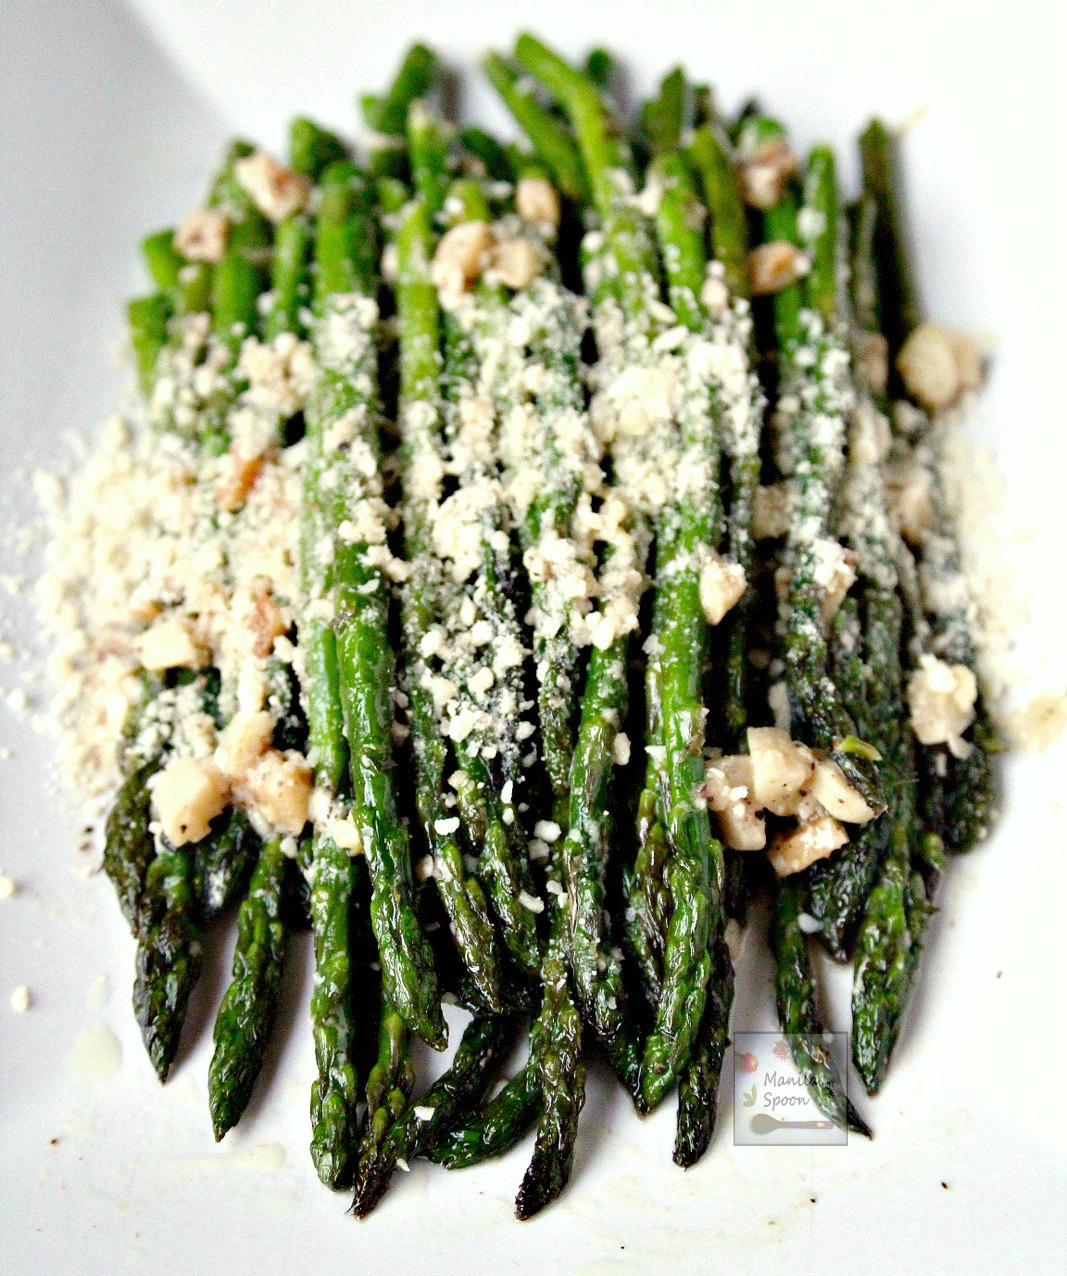 Sautéed Asparagus with Parmesan